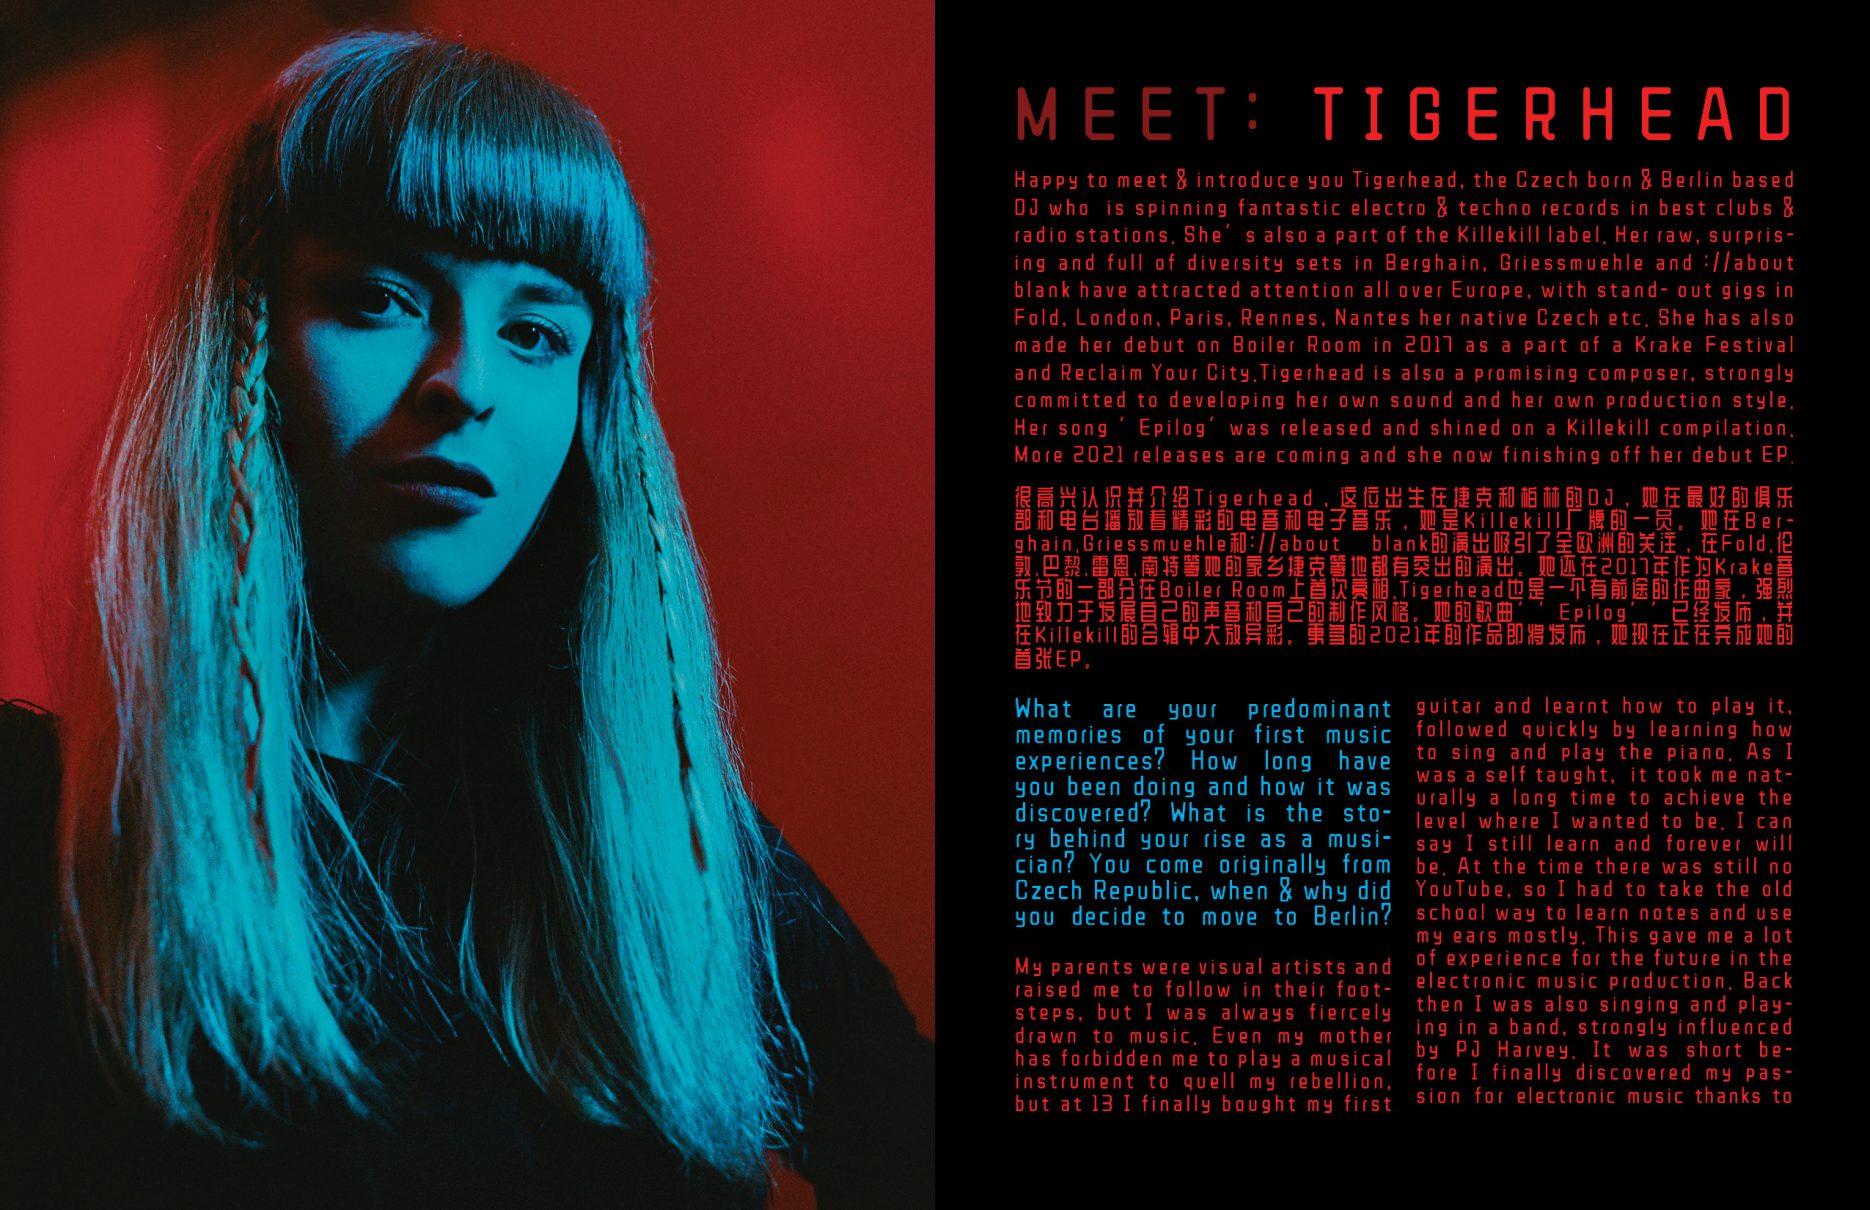 interview Tigerhead Tereza R interview by Izabella Chrobok & Grzegorz Bacinski and photos editorial; by KEYI STUDIO